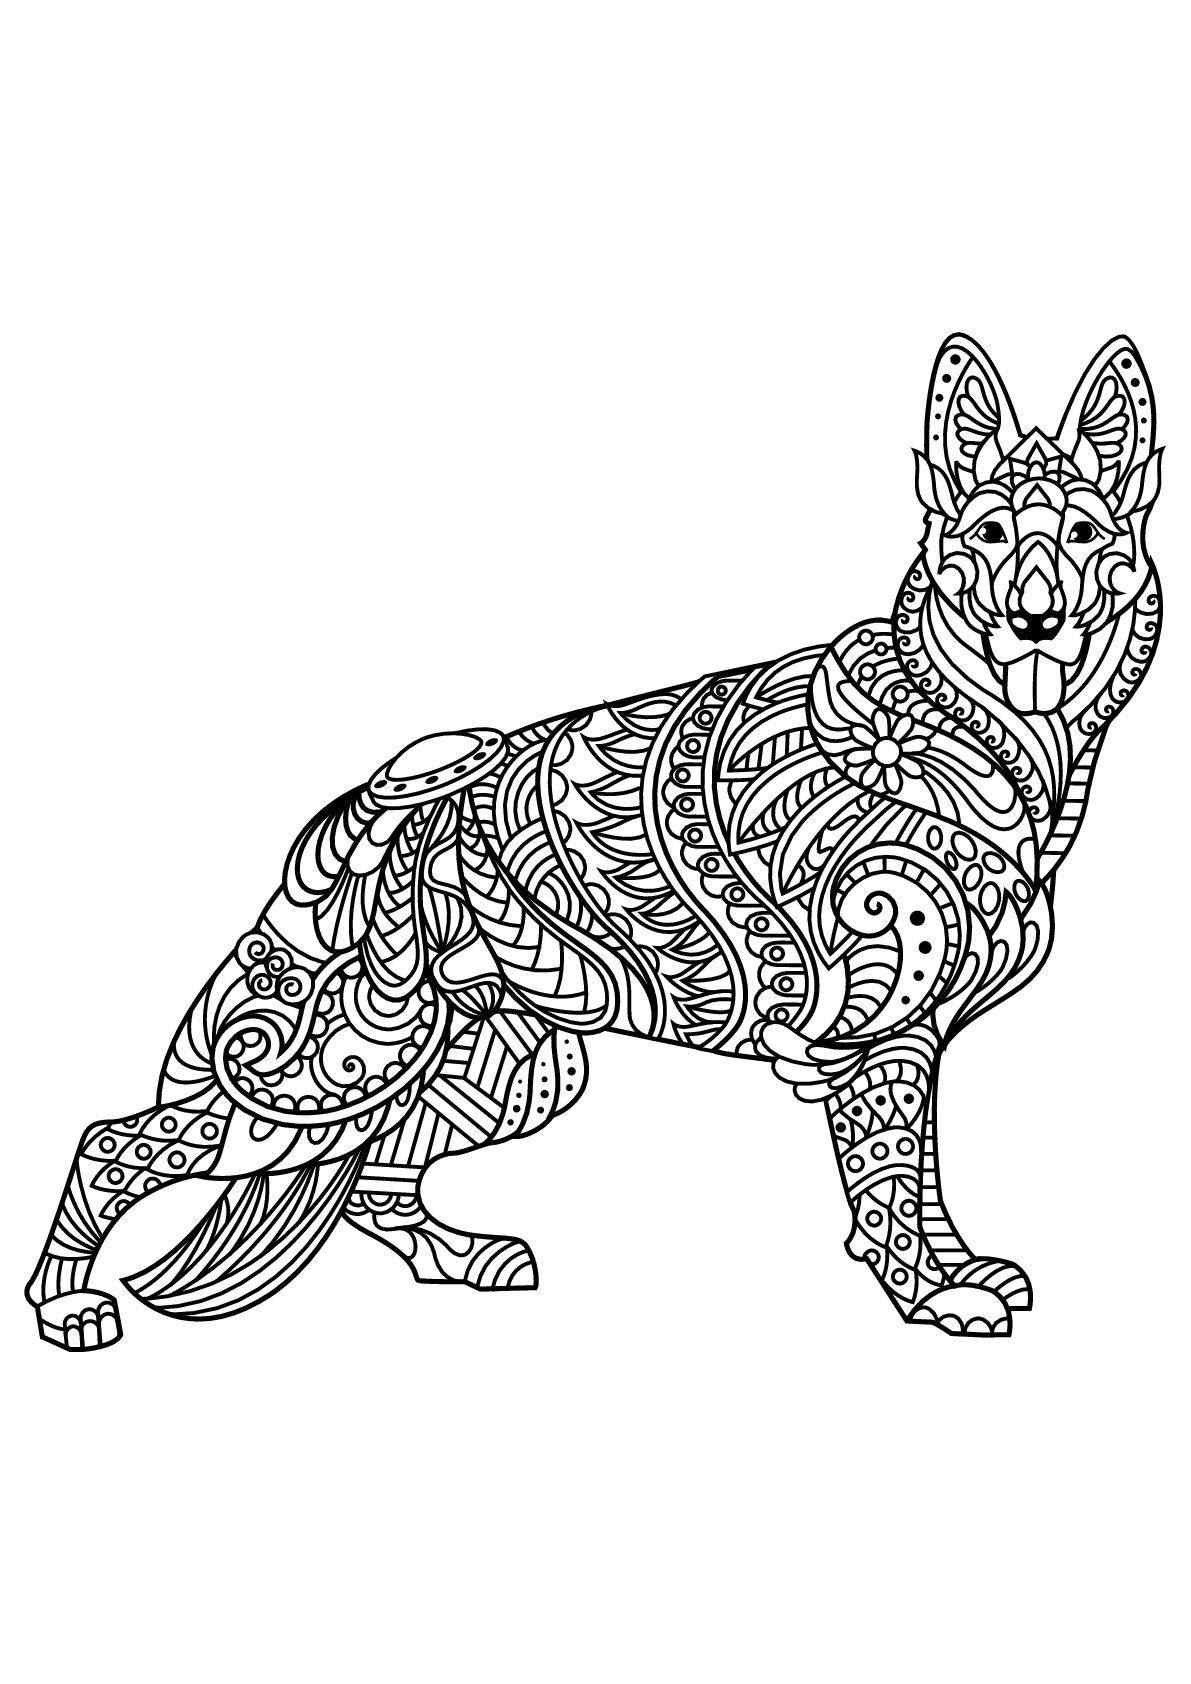 Livre gratuit berger allemand chiens coloriages - Berger allemand gratuit ...